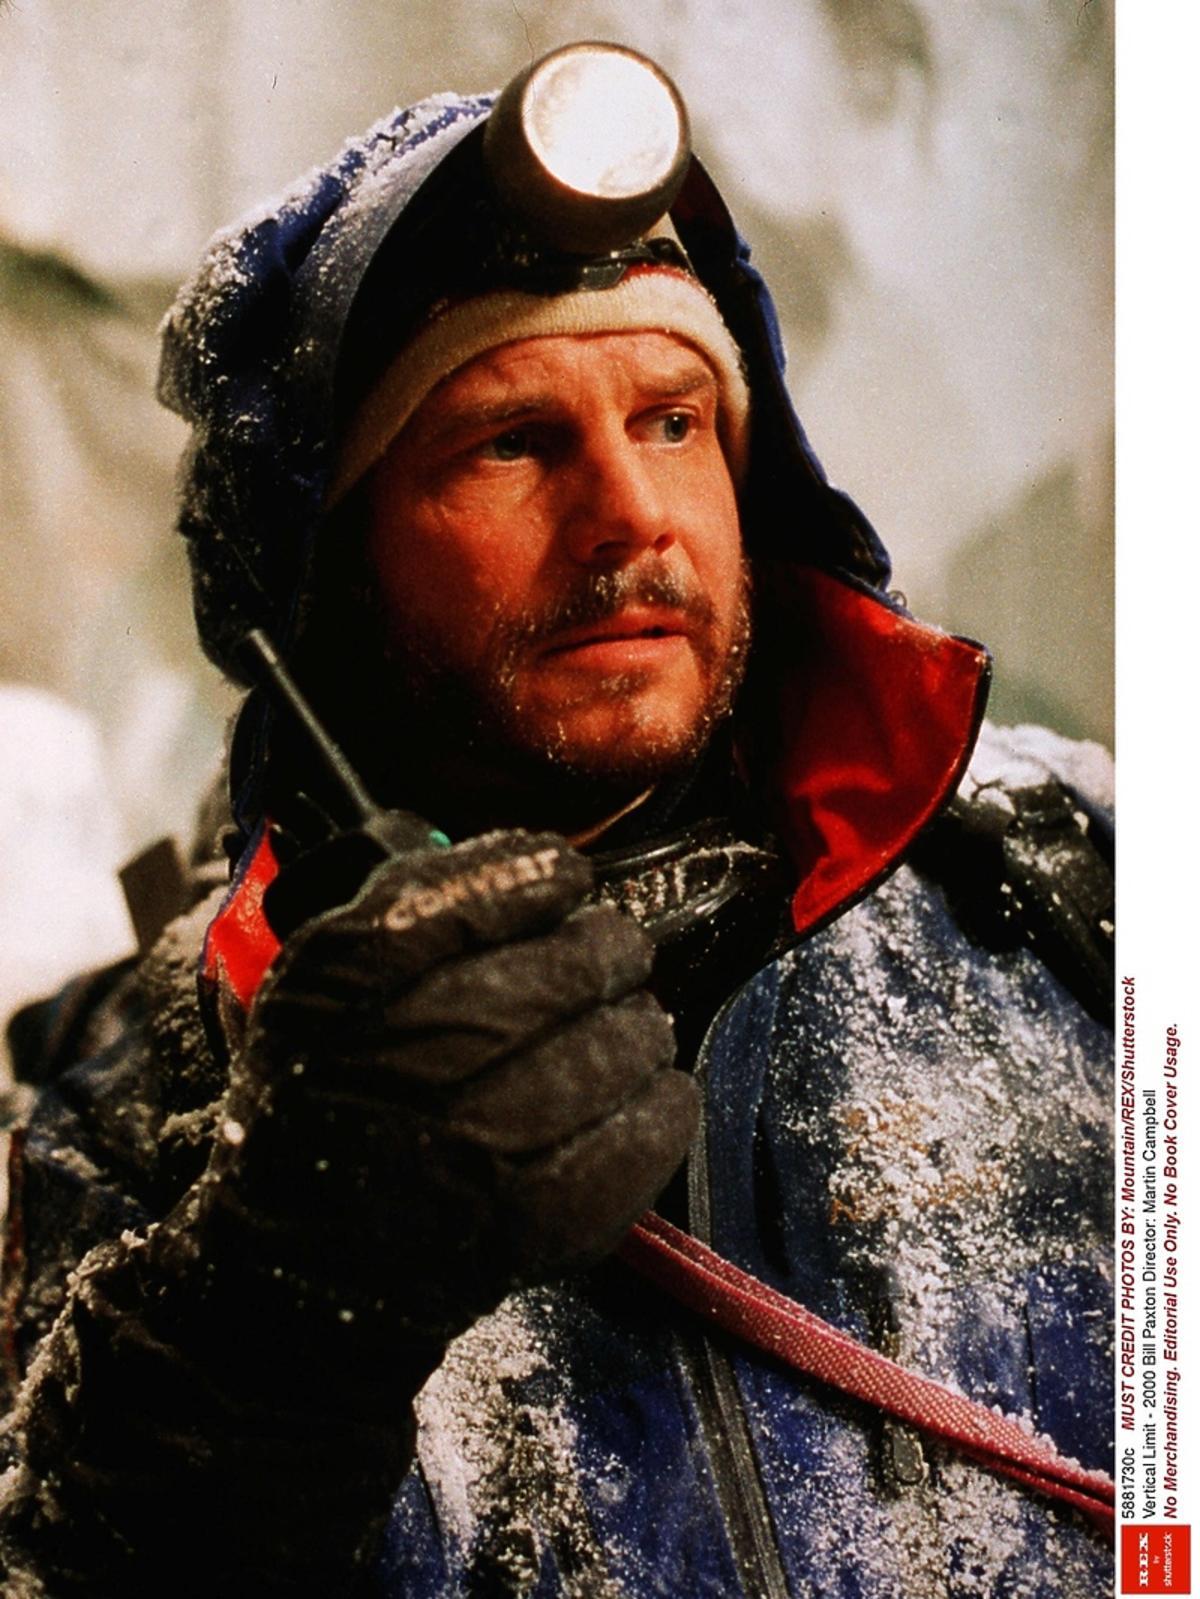 Bill Paxton zagrał też w filmie Granice Wytrzymałości